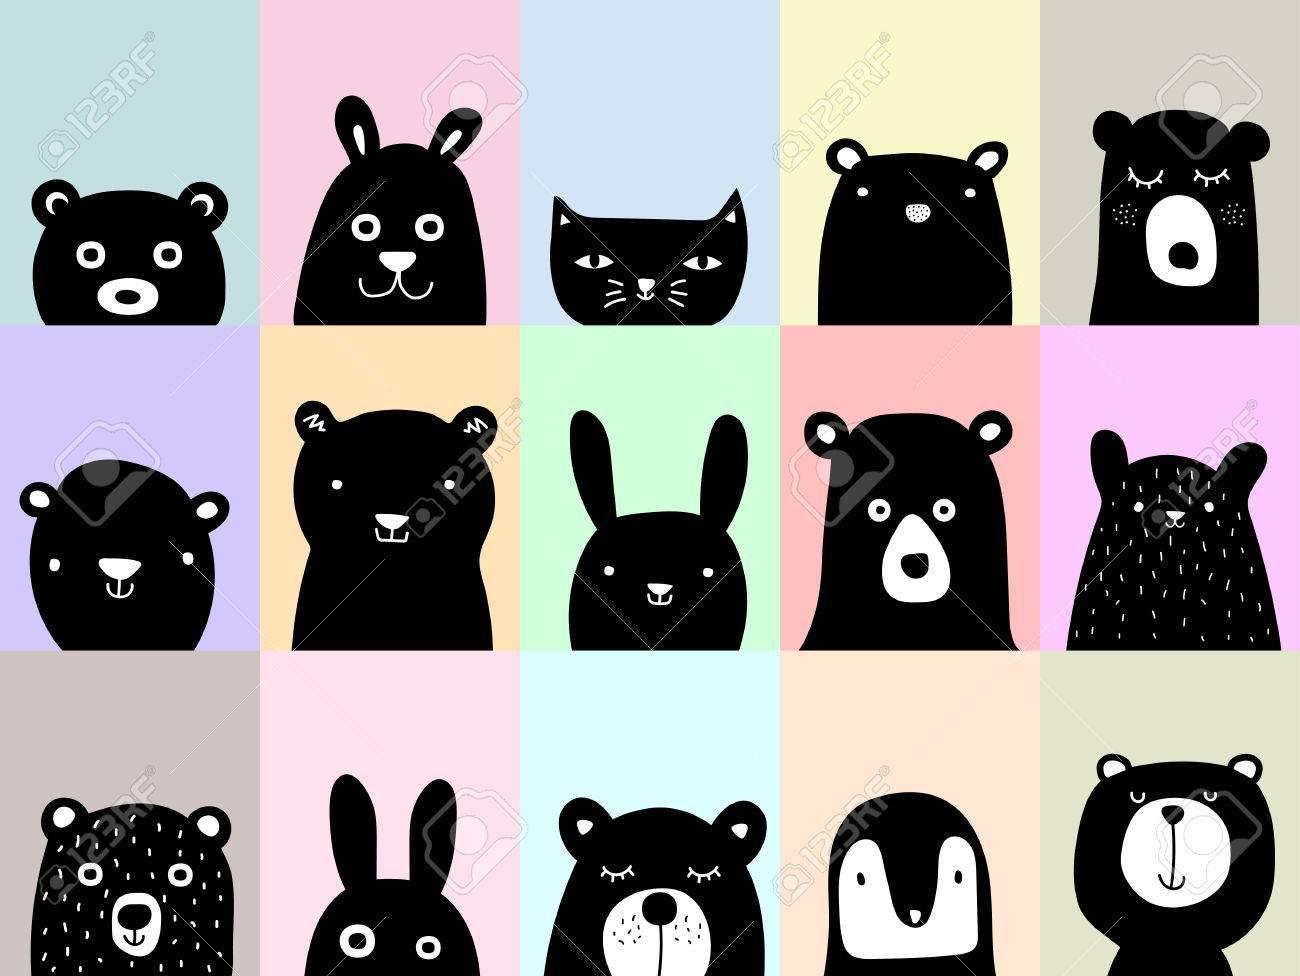 動物ポスター、かわいい壁の芸術写真、漫画の動物イラスト ロイヤリティ